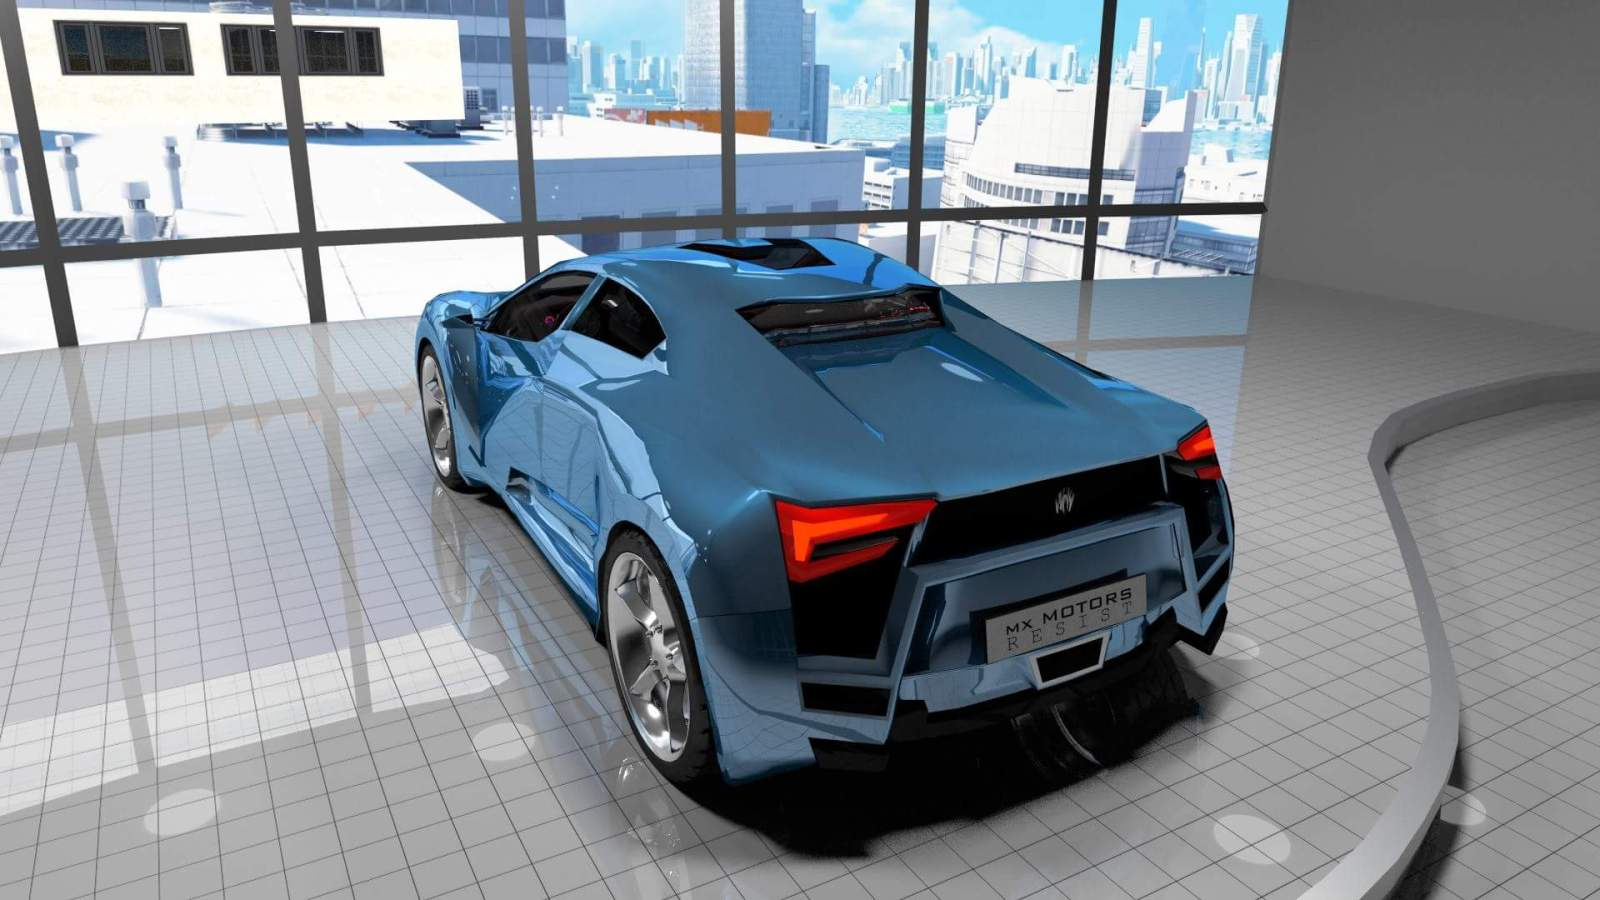 [TUTORIAL] Entrar no carro estilo GTA Qs88w1